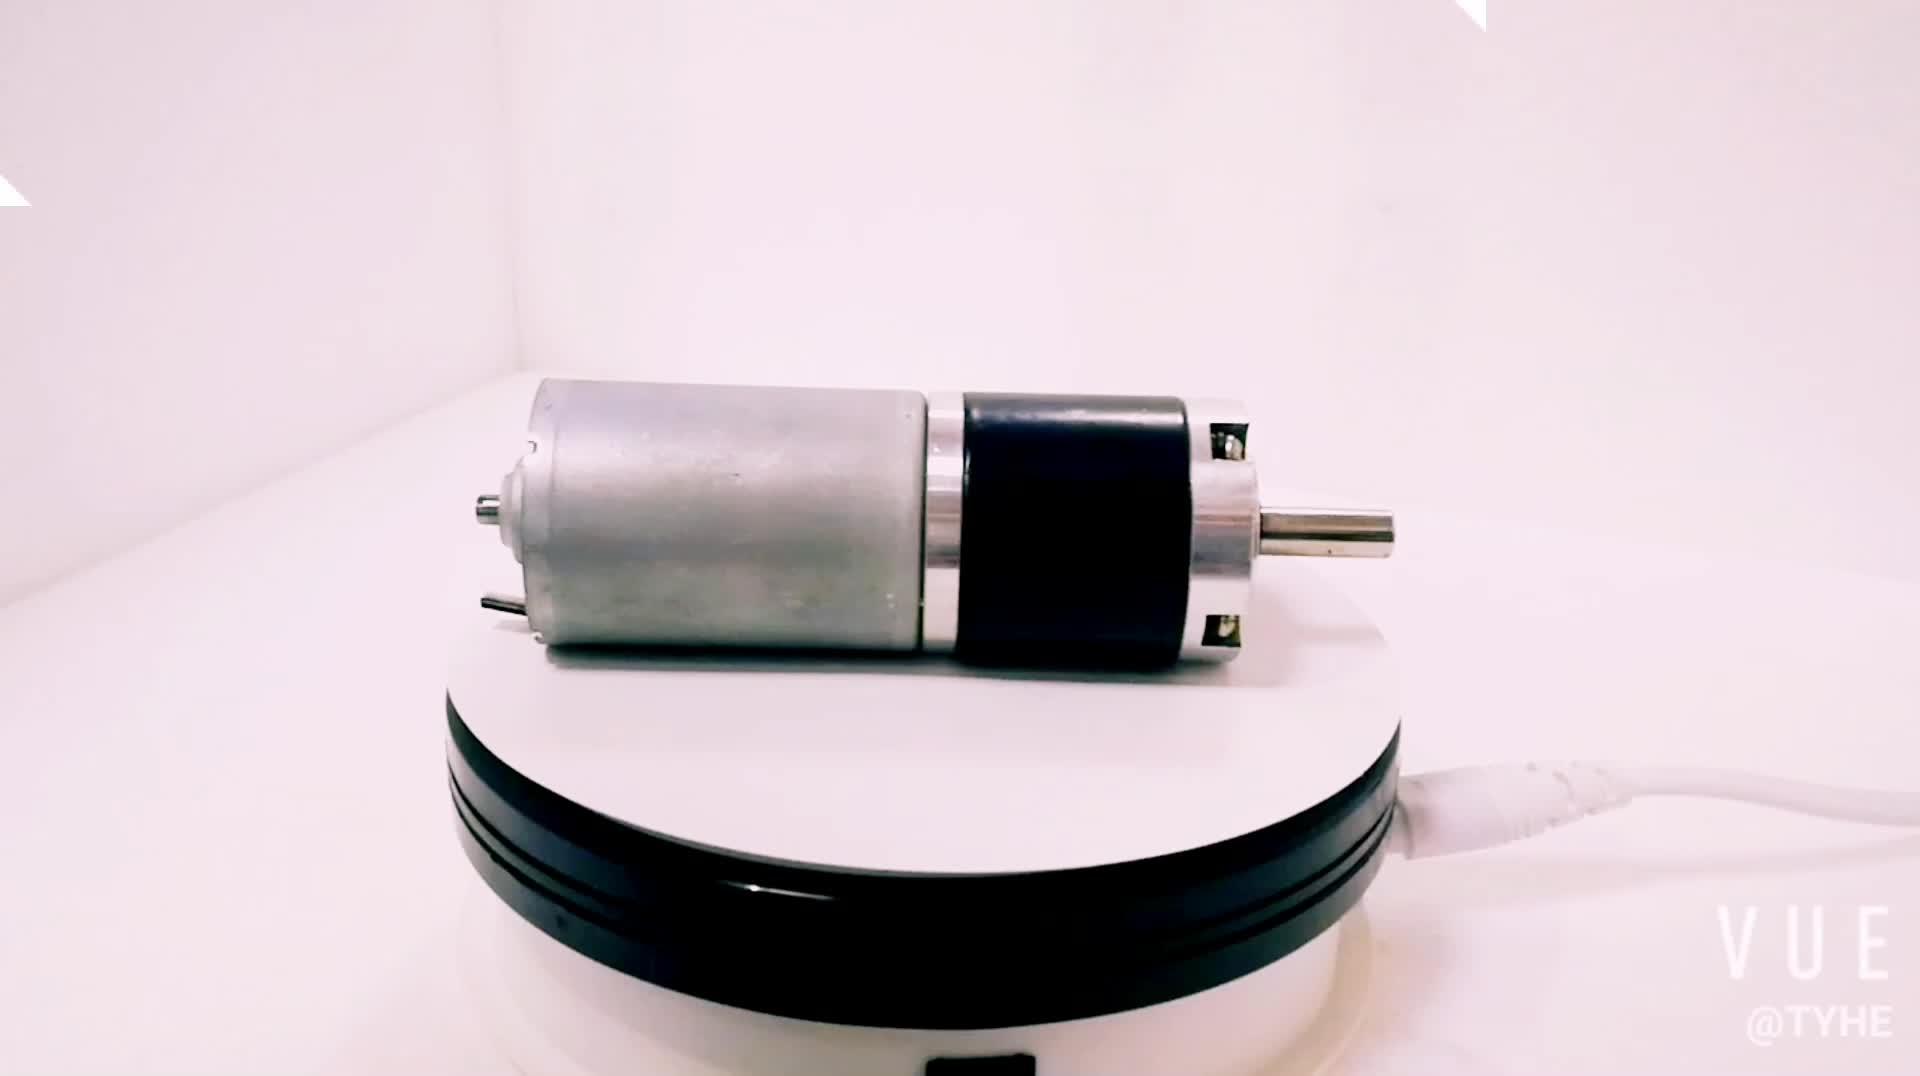 Precio barato de la venta a granel de pequeño tamaño 42mm bldc 24v 12v alto par 100kg de fuerza dc sin escobillas engranaje planetario reductor de motor